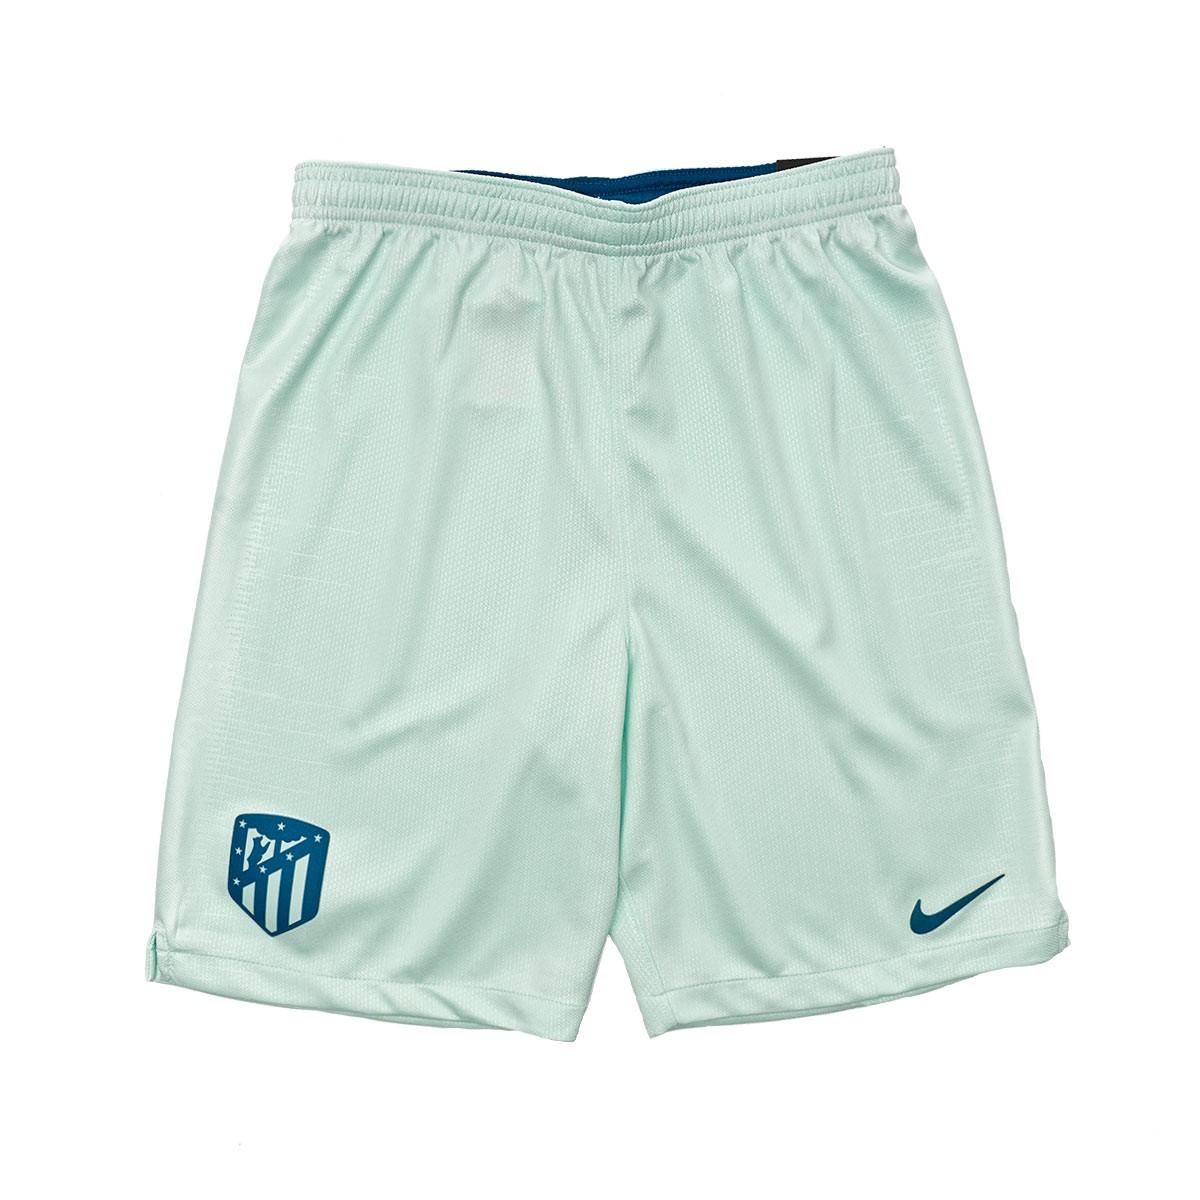 Short Nike Atletico de Madrid Stadium Tercera Equipación 2018-2019 Niño  Igloo-Green abyss - Soloporteros es ahora Fútbol Emotion 589882ecc0d0a